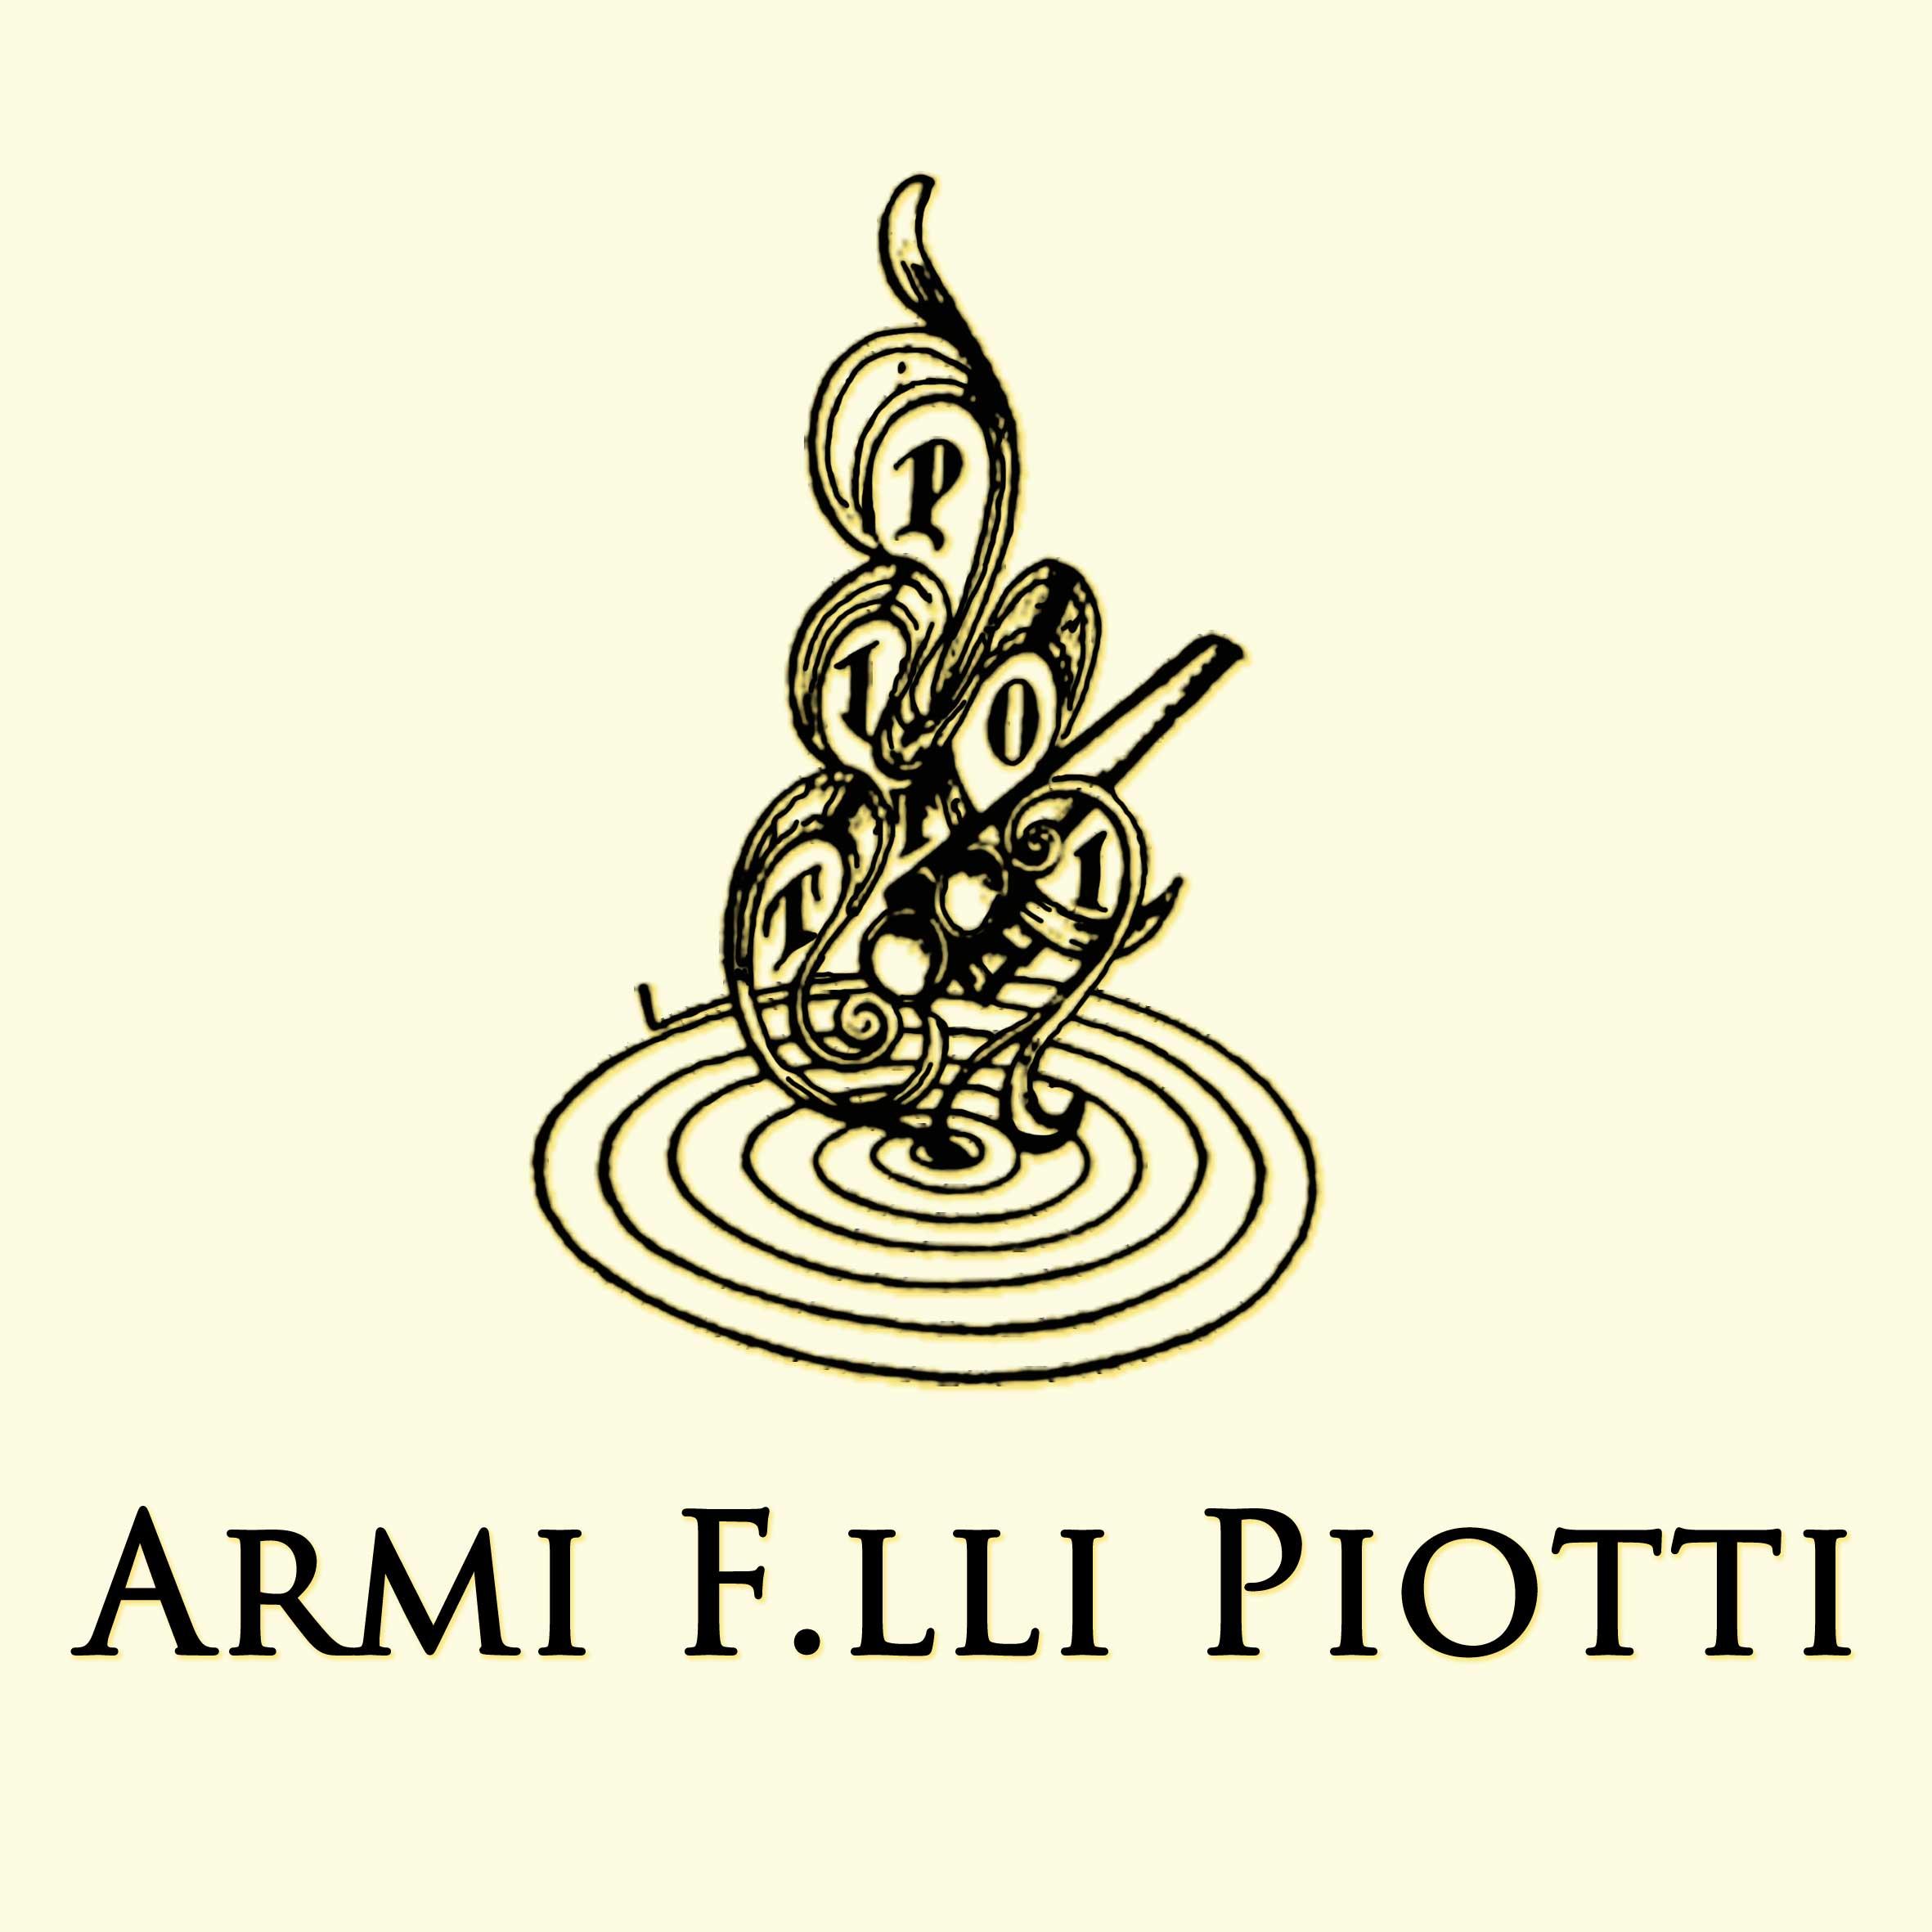 Armi F.lli Piotti